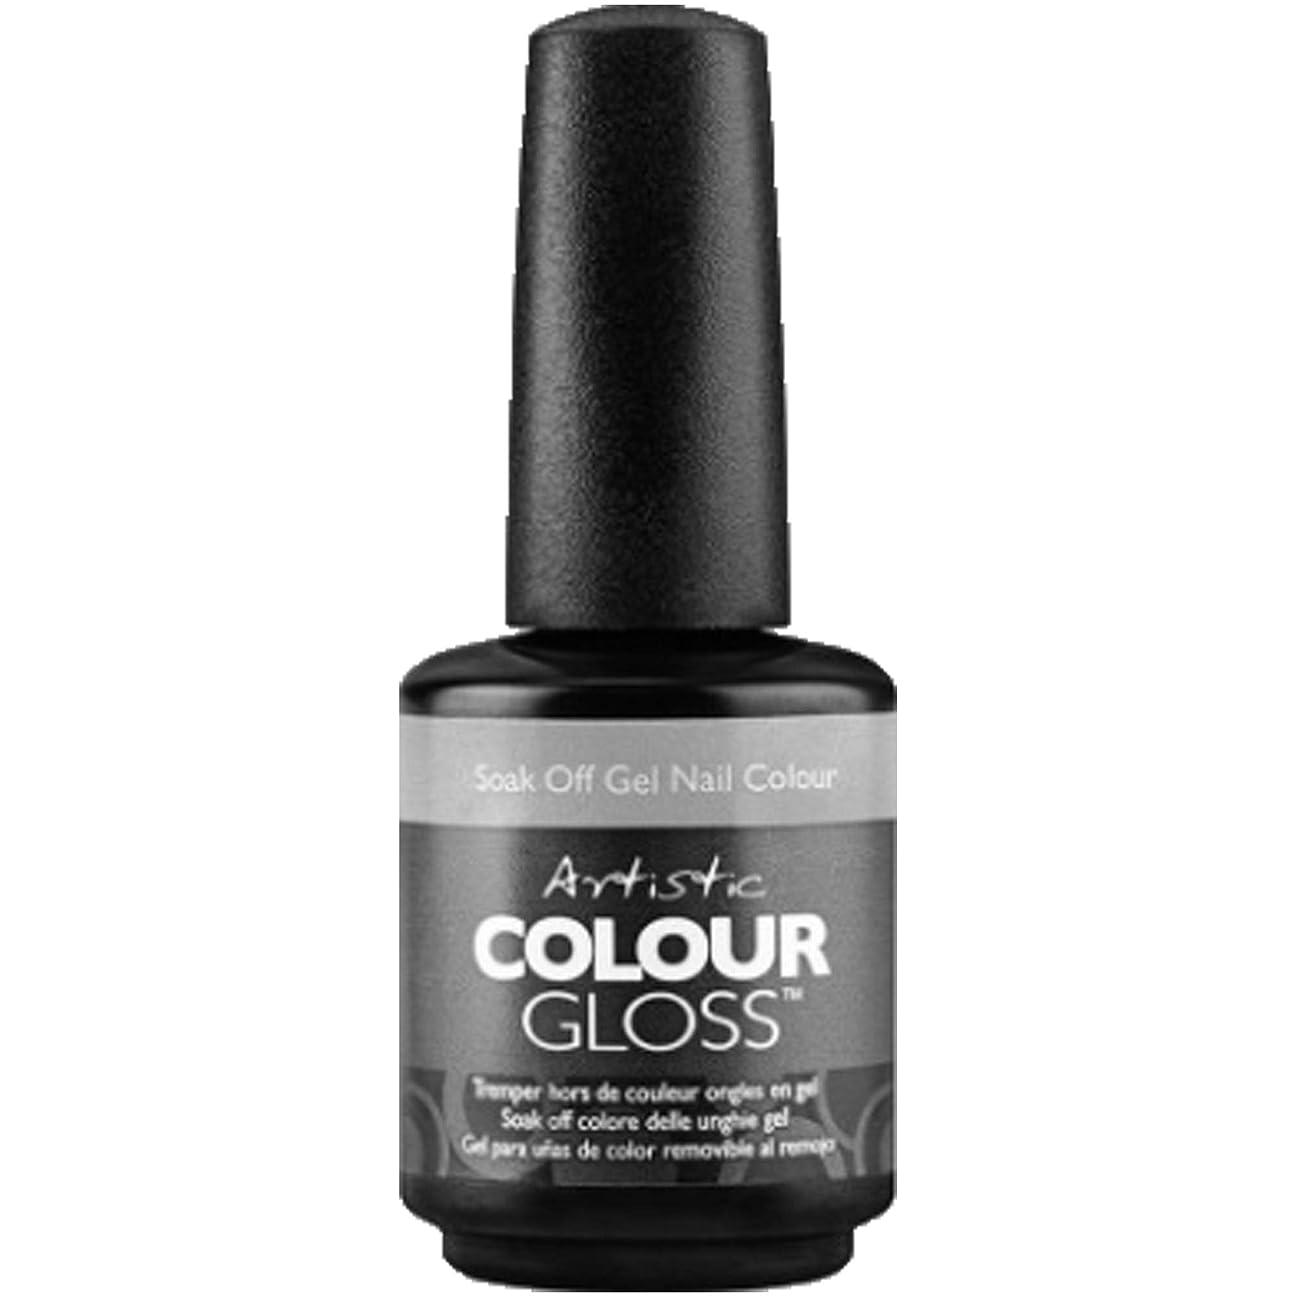 推進、動かす起きろ不足Artistic Colour Gloss - Suit Yourself - 0.5oz / 15ml